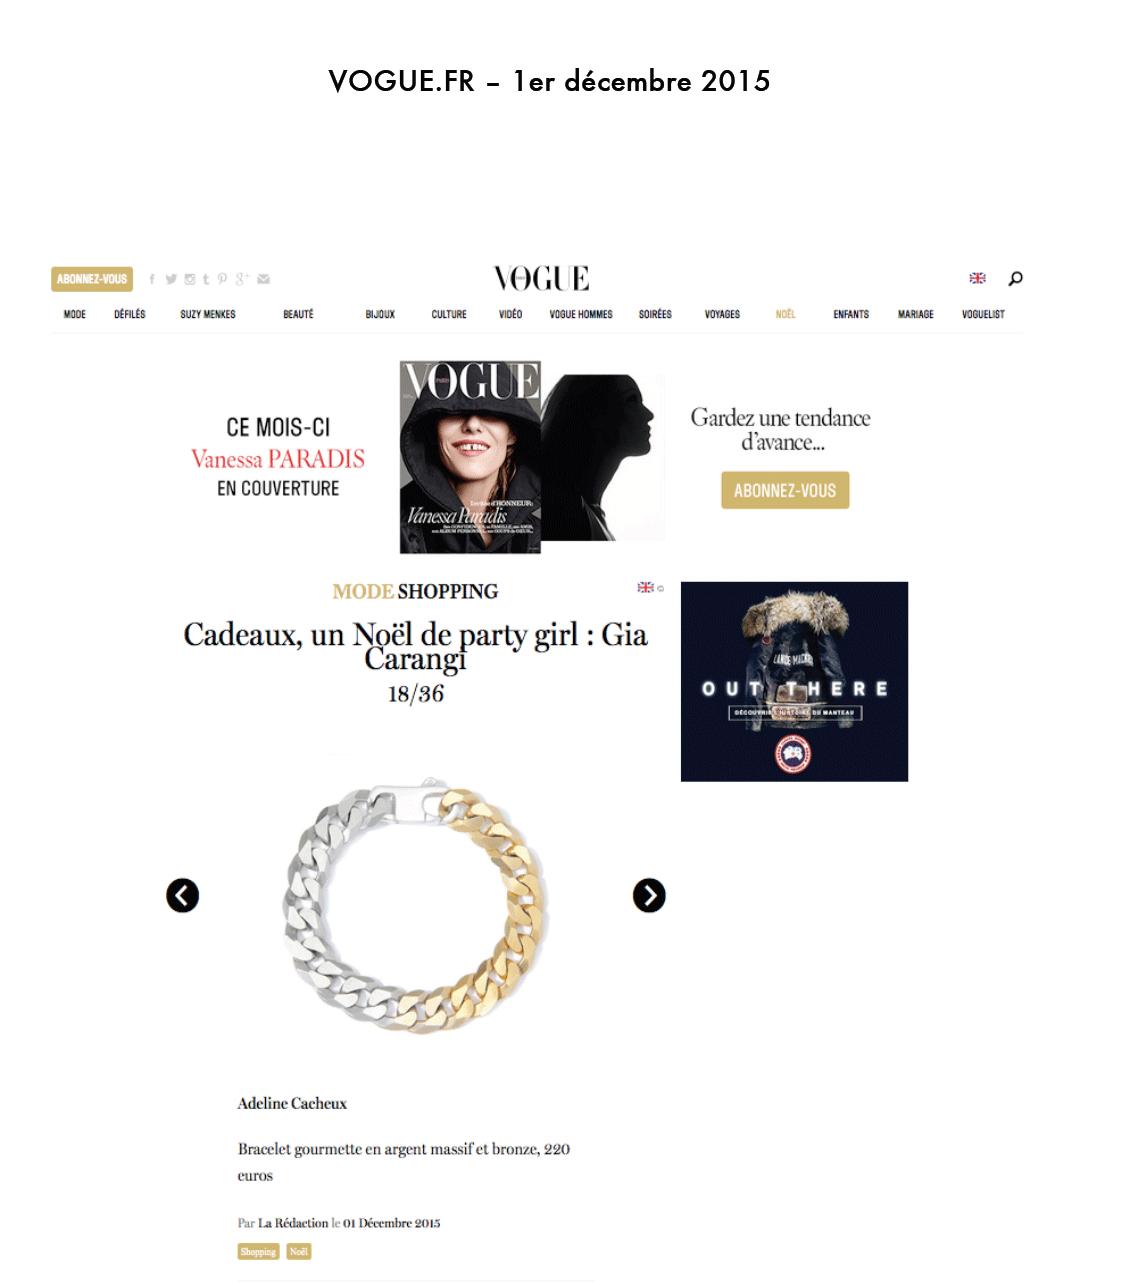 Adeline Cacheux Jewelry Design bracelet gourmette argent